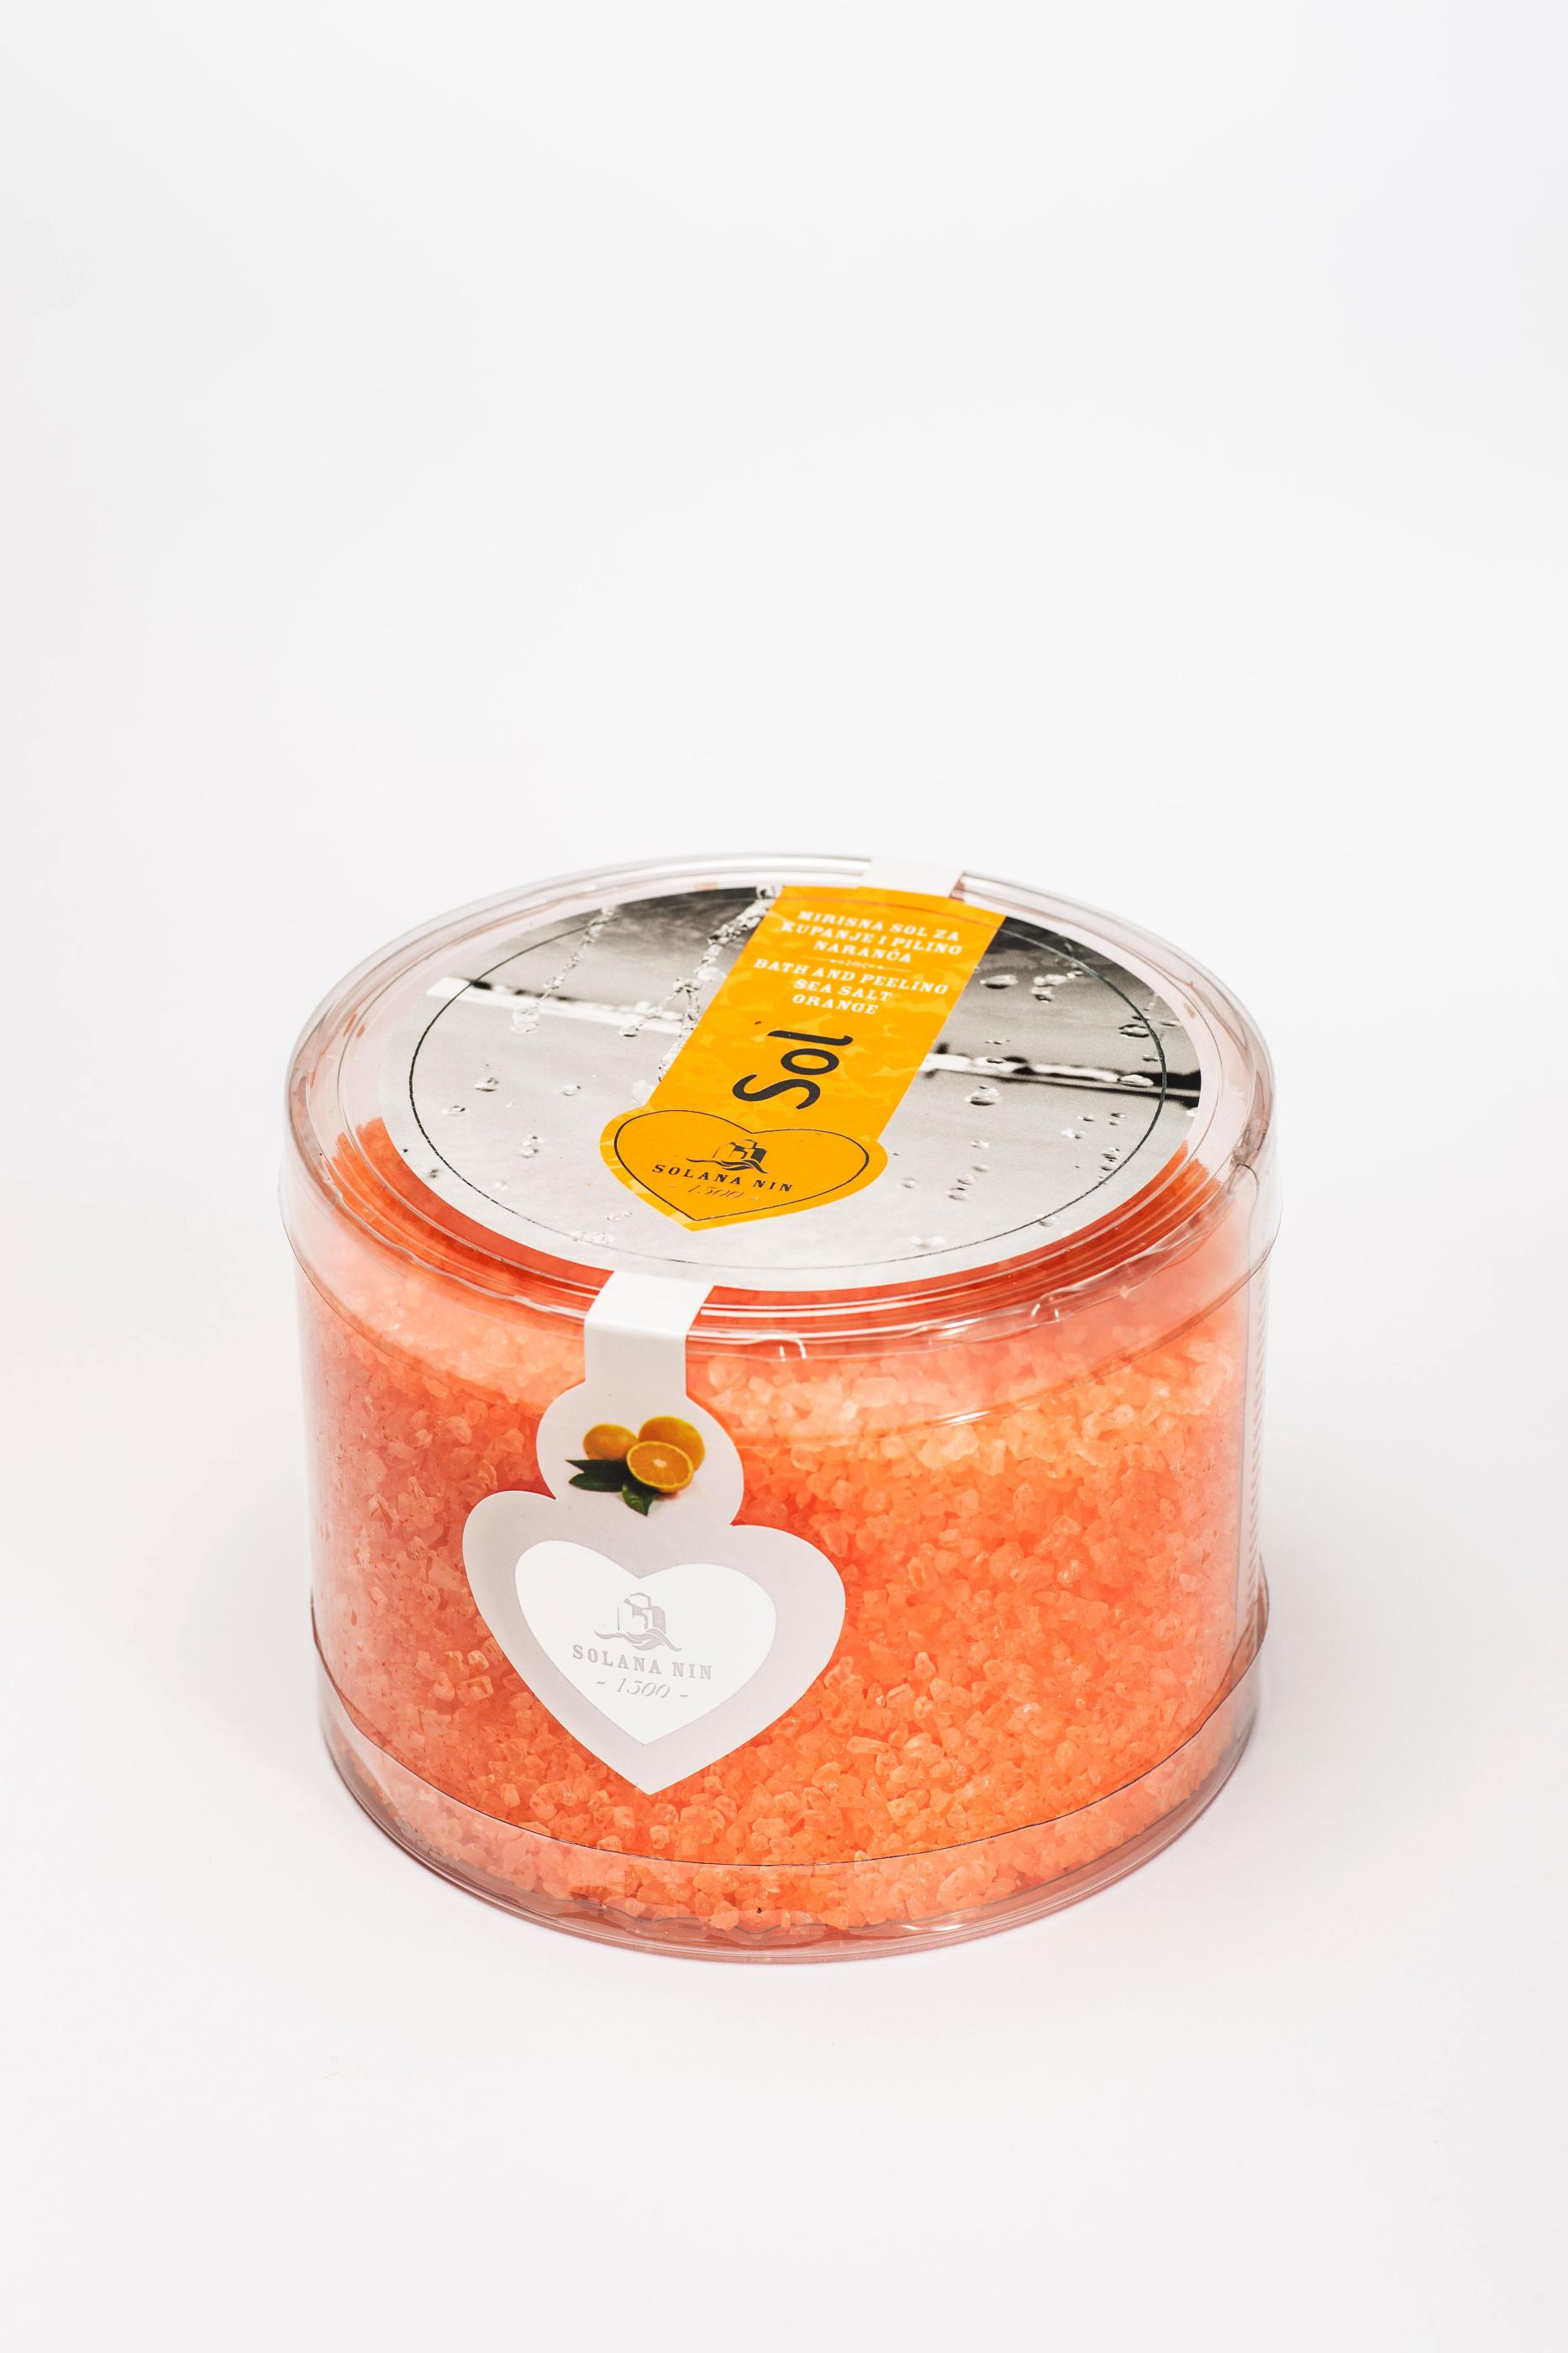 Badsalt Apelsin 1kg